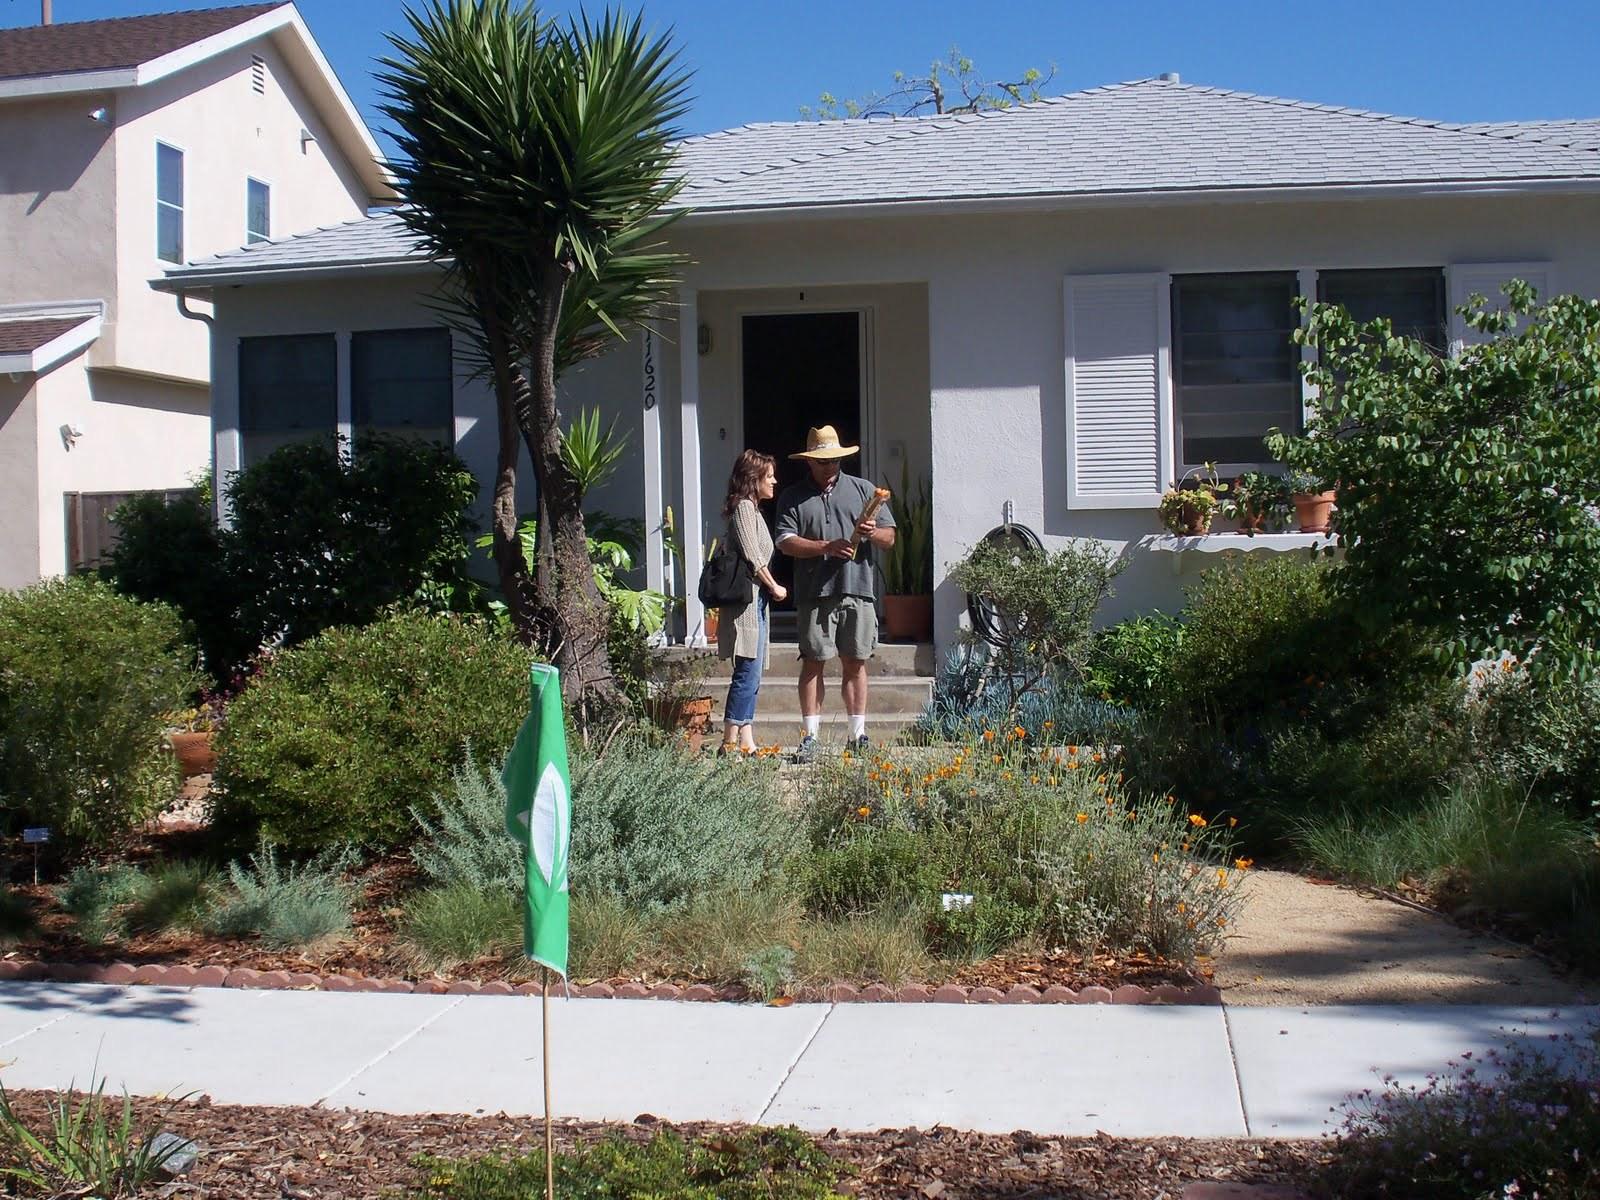 mar vista green garden showcase 11620 clarkson road